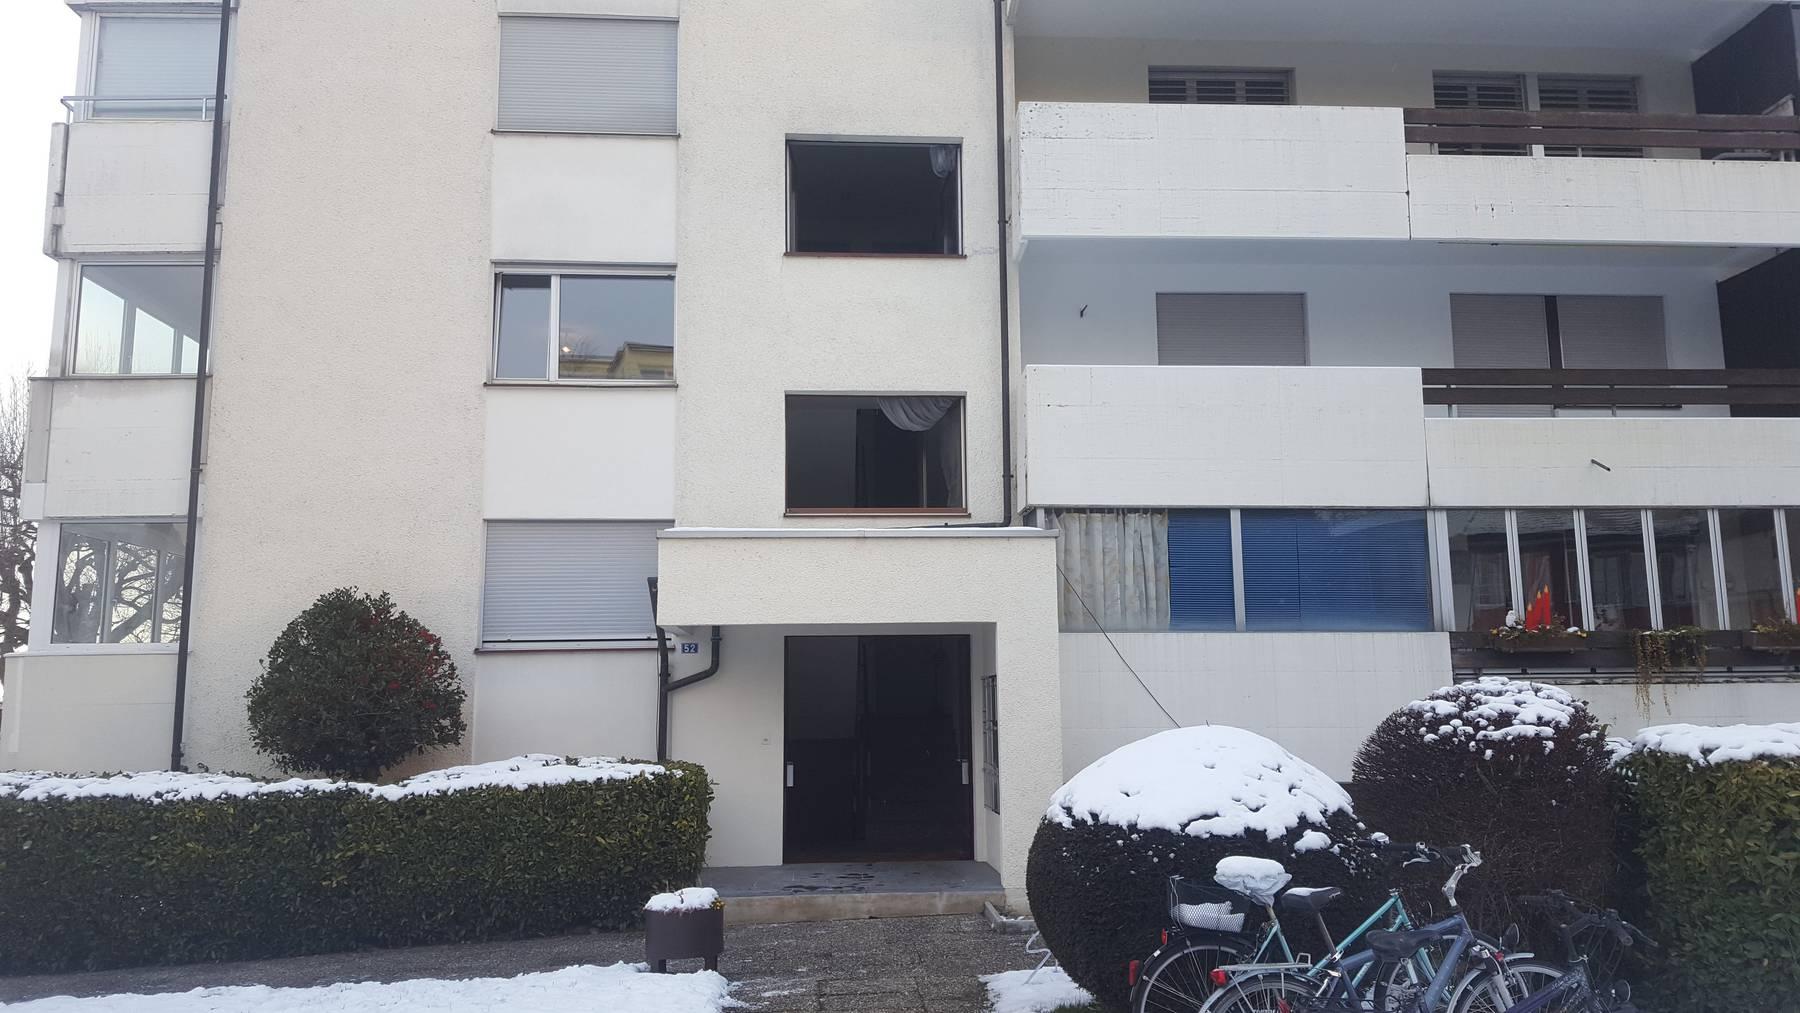 In diesen Mehrfamilienhaus in Horn hat es am frühen Freitagmorgen gebrannt